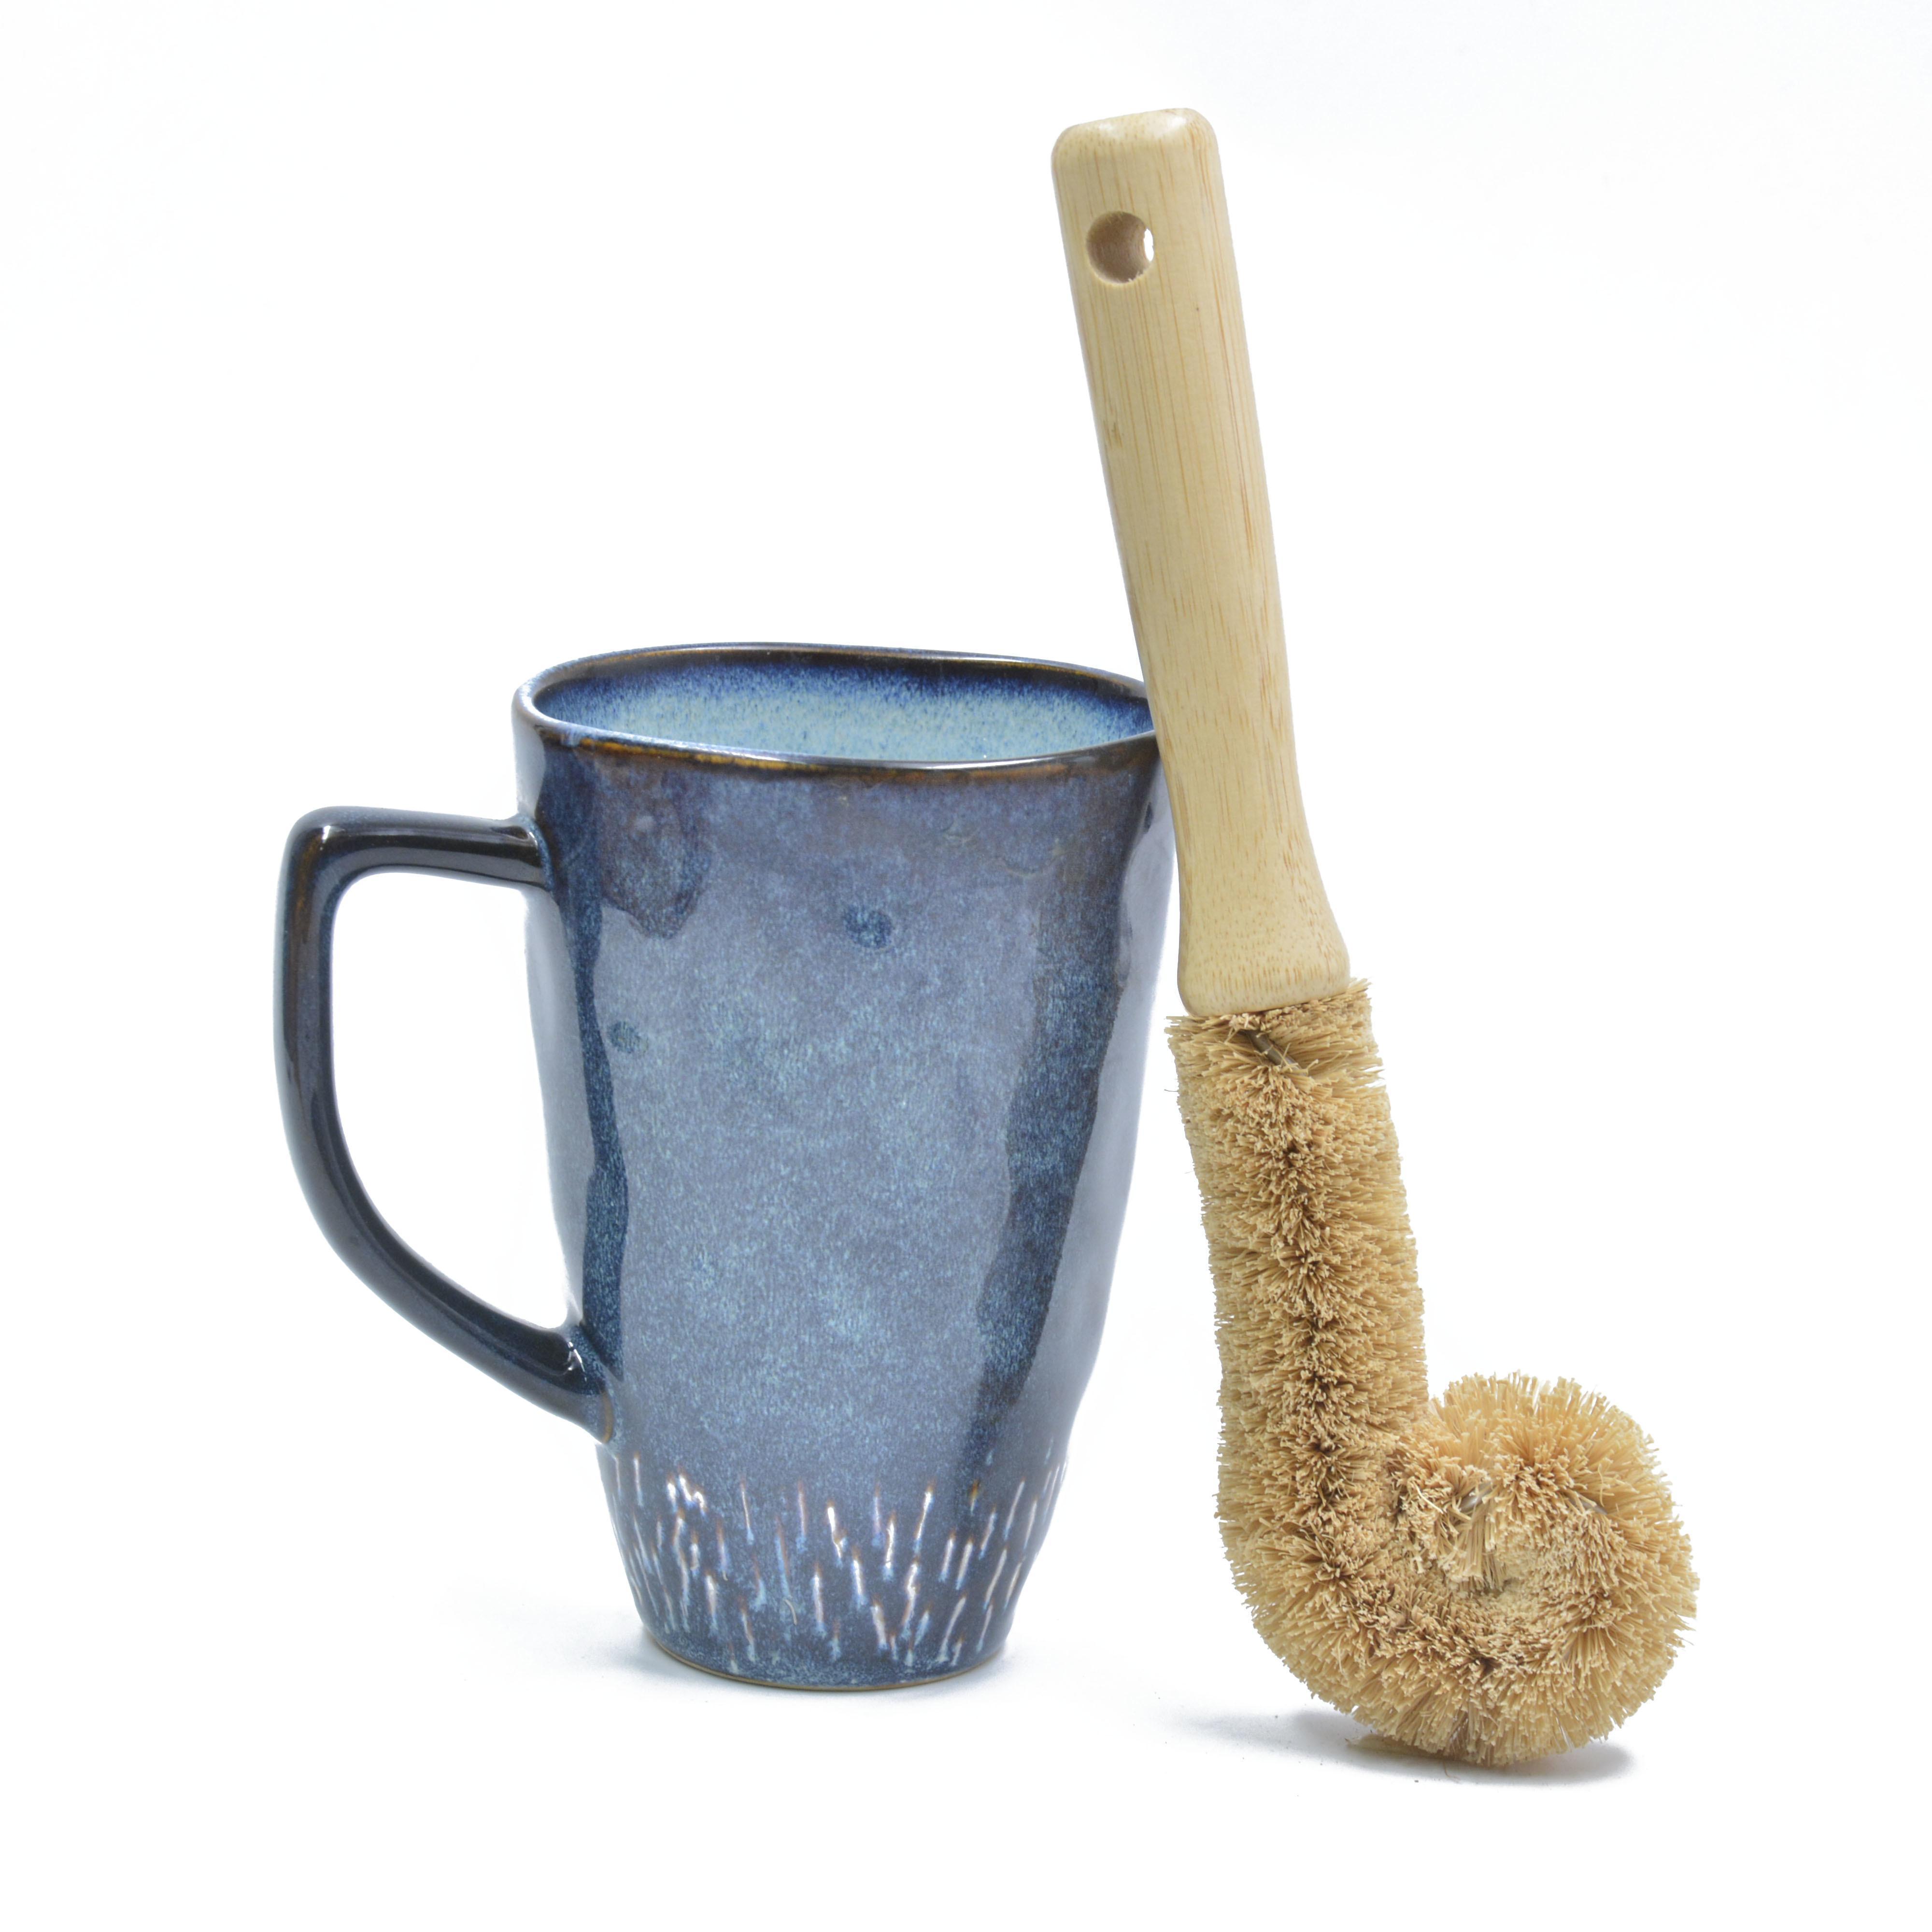 Kokosnuss-Palm Bambus Holzbürste Lange Griff Baby Flaschenbürste Küchentasse Waschbürste Glas Dekontamination Helfer